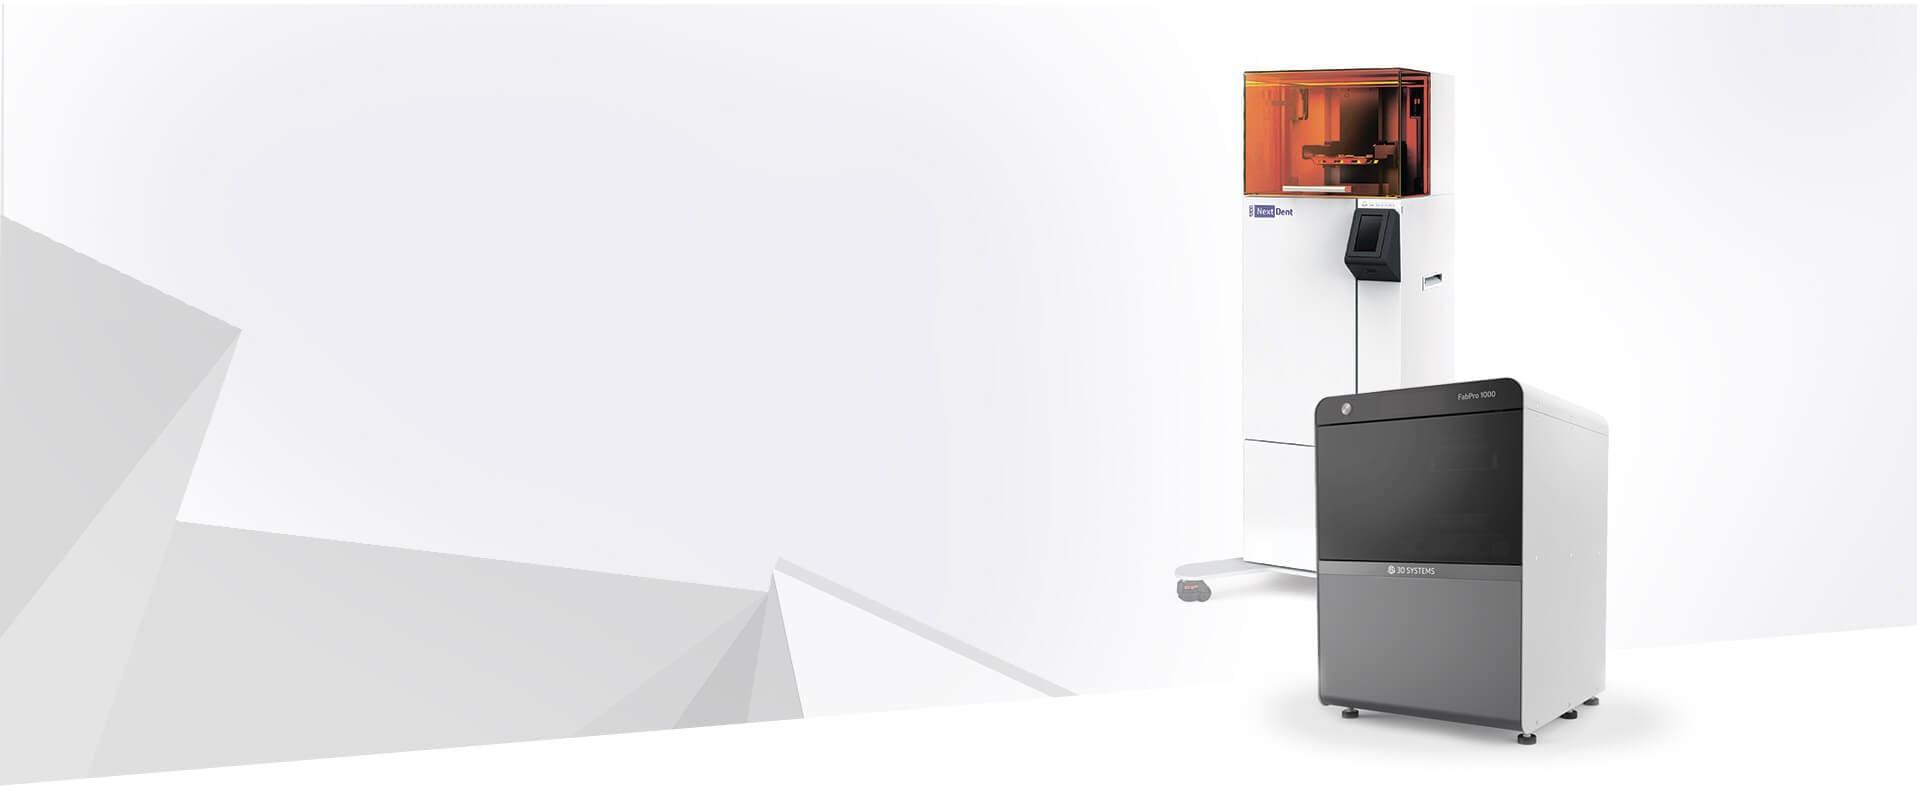 3D печать с принтером NextDent от 3DSystems